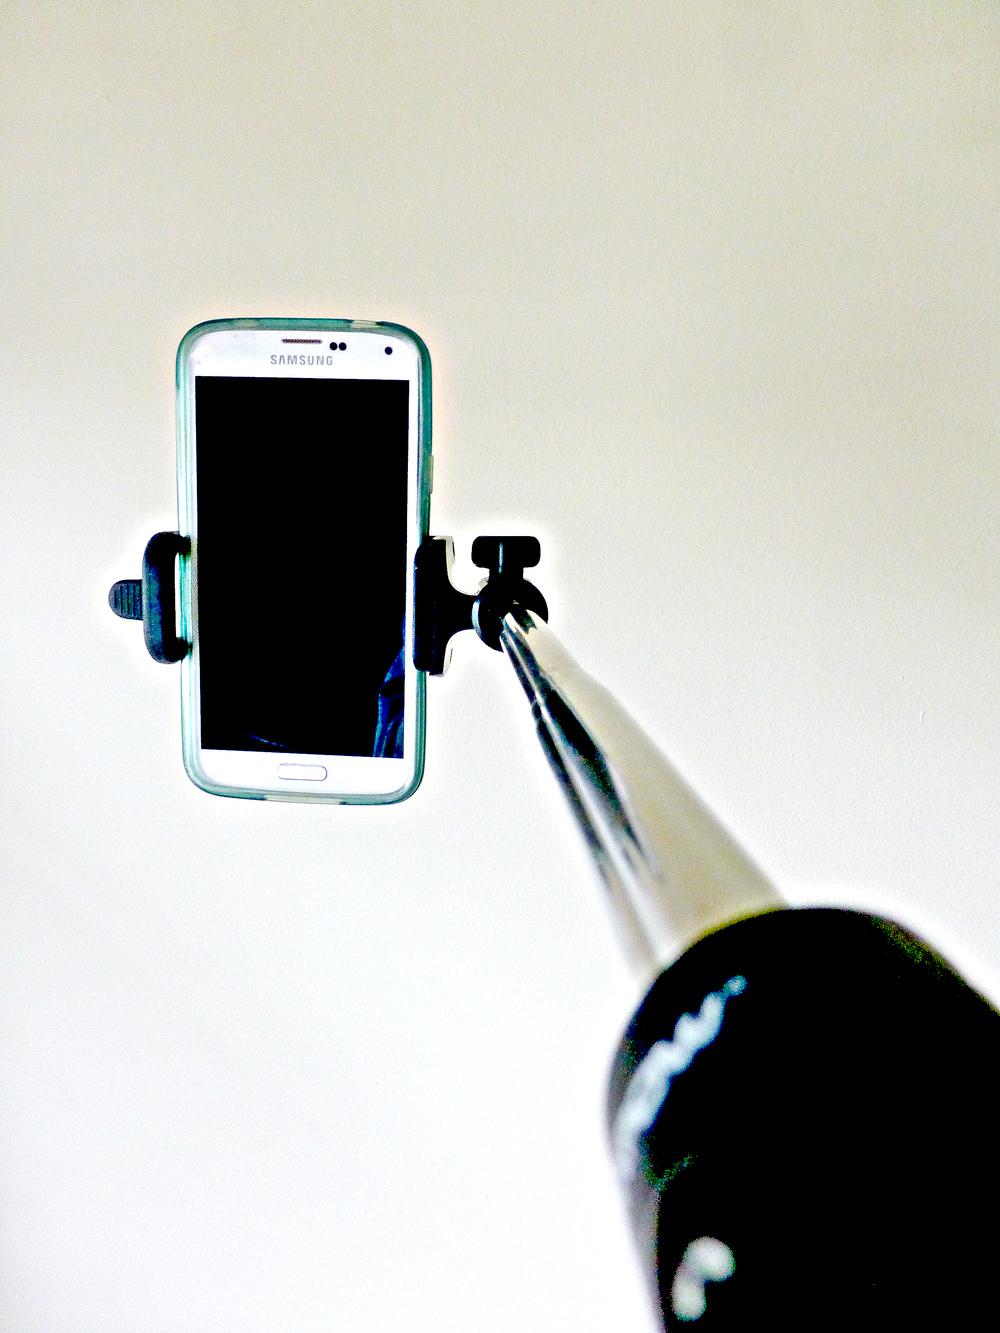 yes, it's a selfie stick